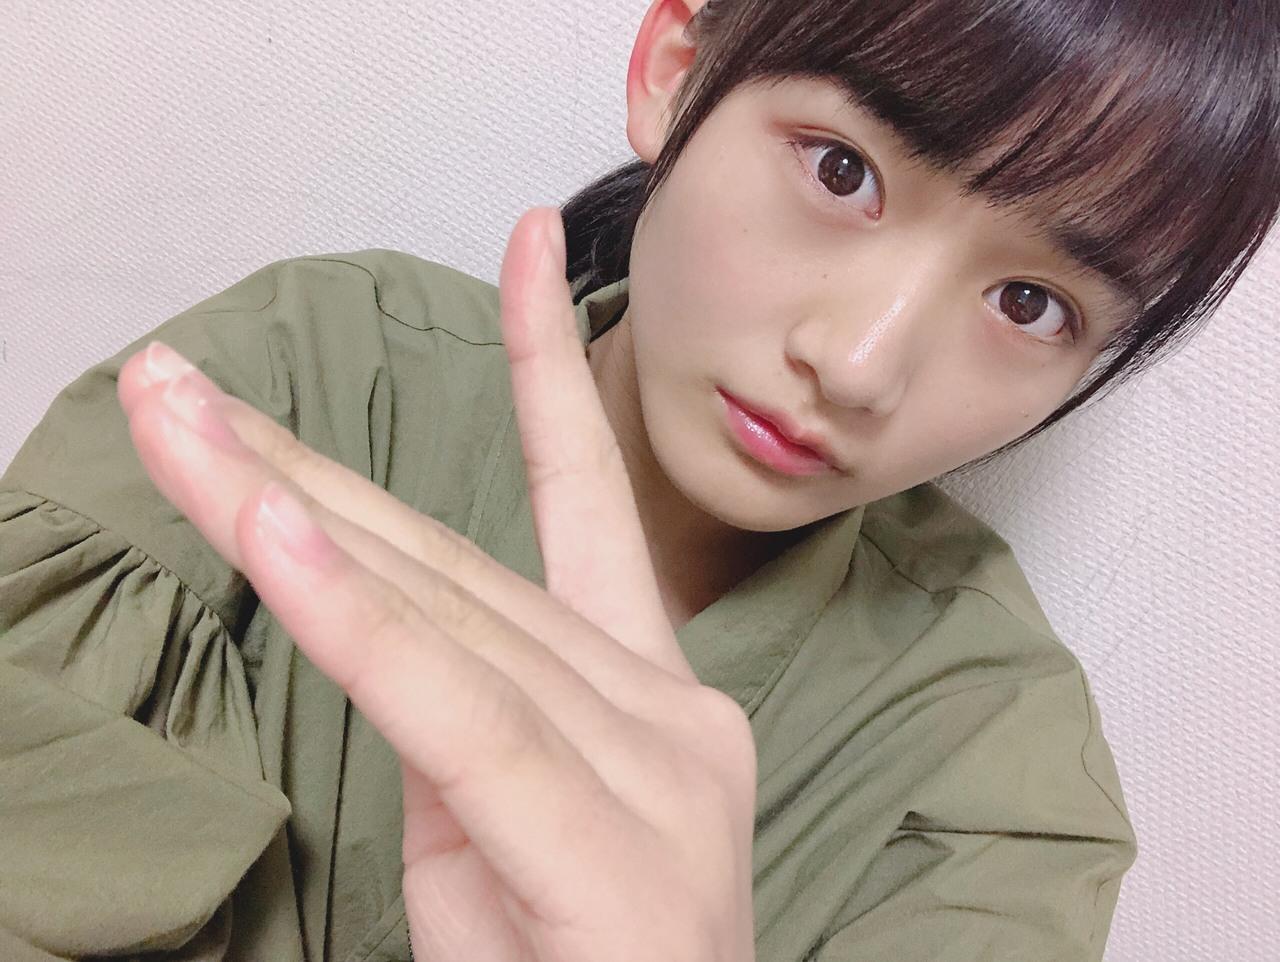 はじめまして。欅坂46二期生の山﨑 天です。よろしくお願いいたします。